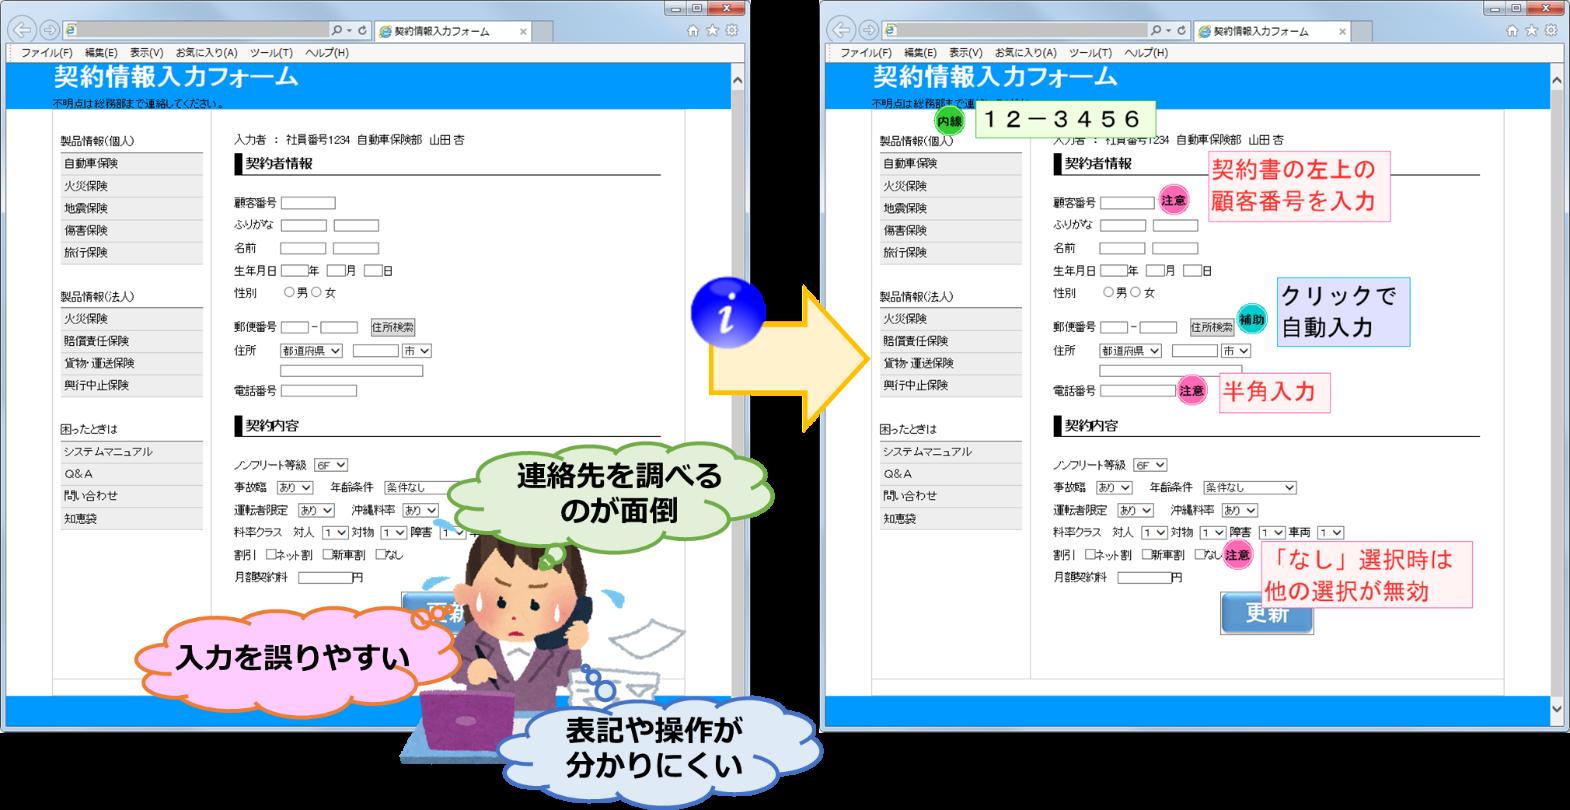 BizFront®/アノテーションを適用した画面の例